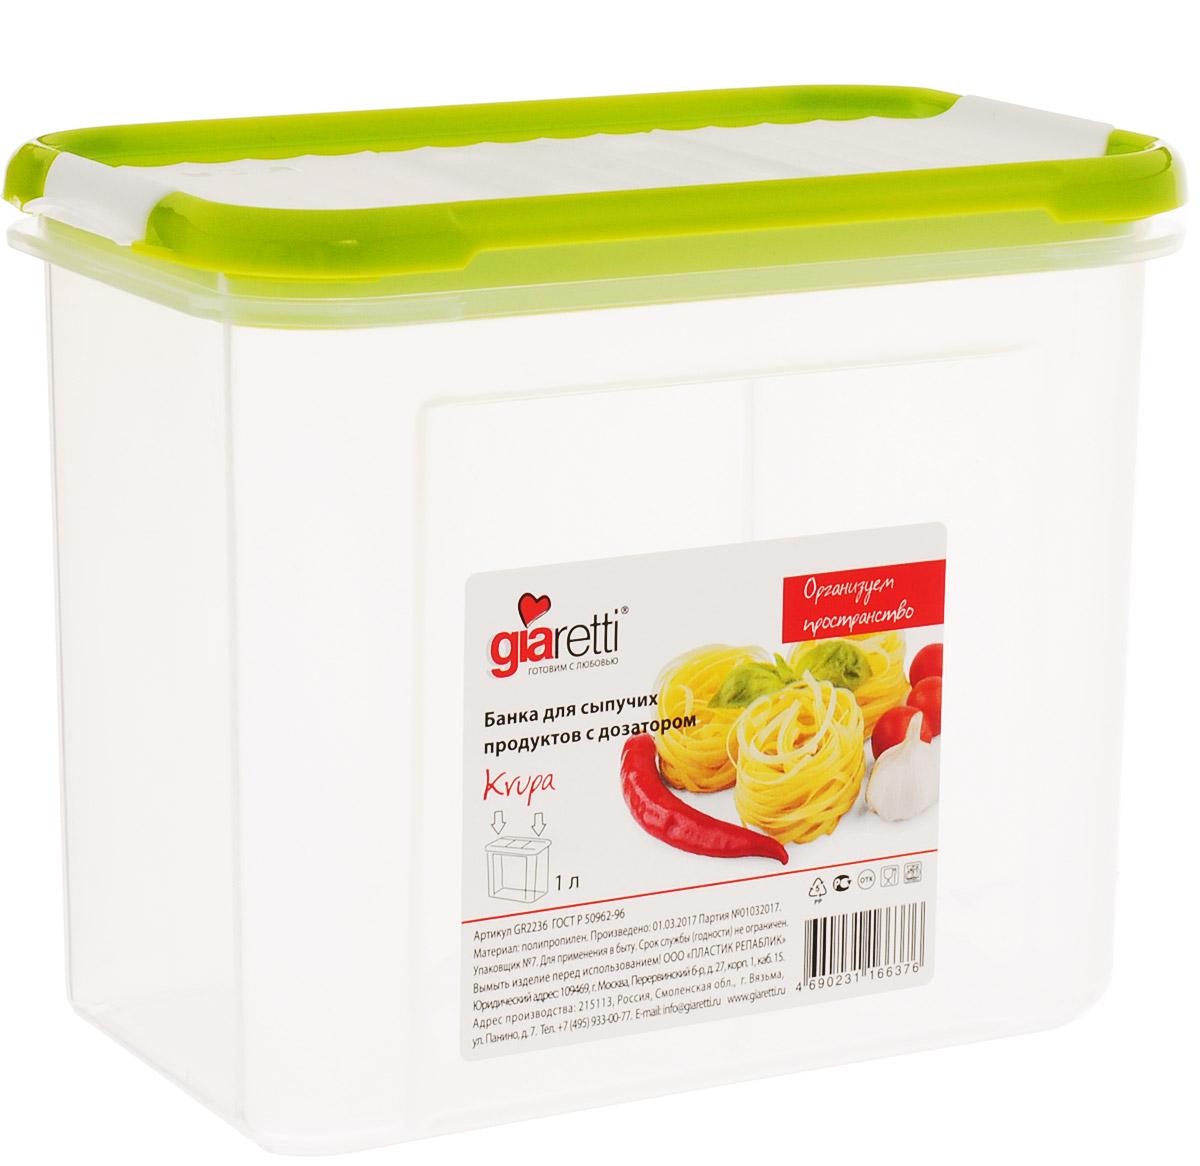 Банка для сыпучих продуктов Giaretti Krupa, с дозатором, цвет: оливковый, прозрачный, 1 л банка для сыпучих продуктов giaretti krupa с дозатором цвет оливковый прозрачный 750 мл